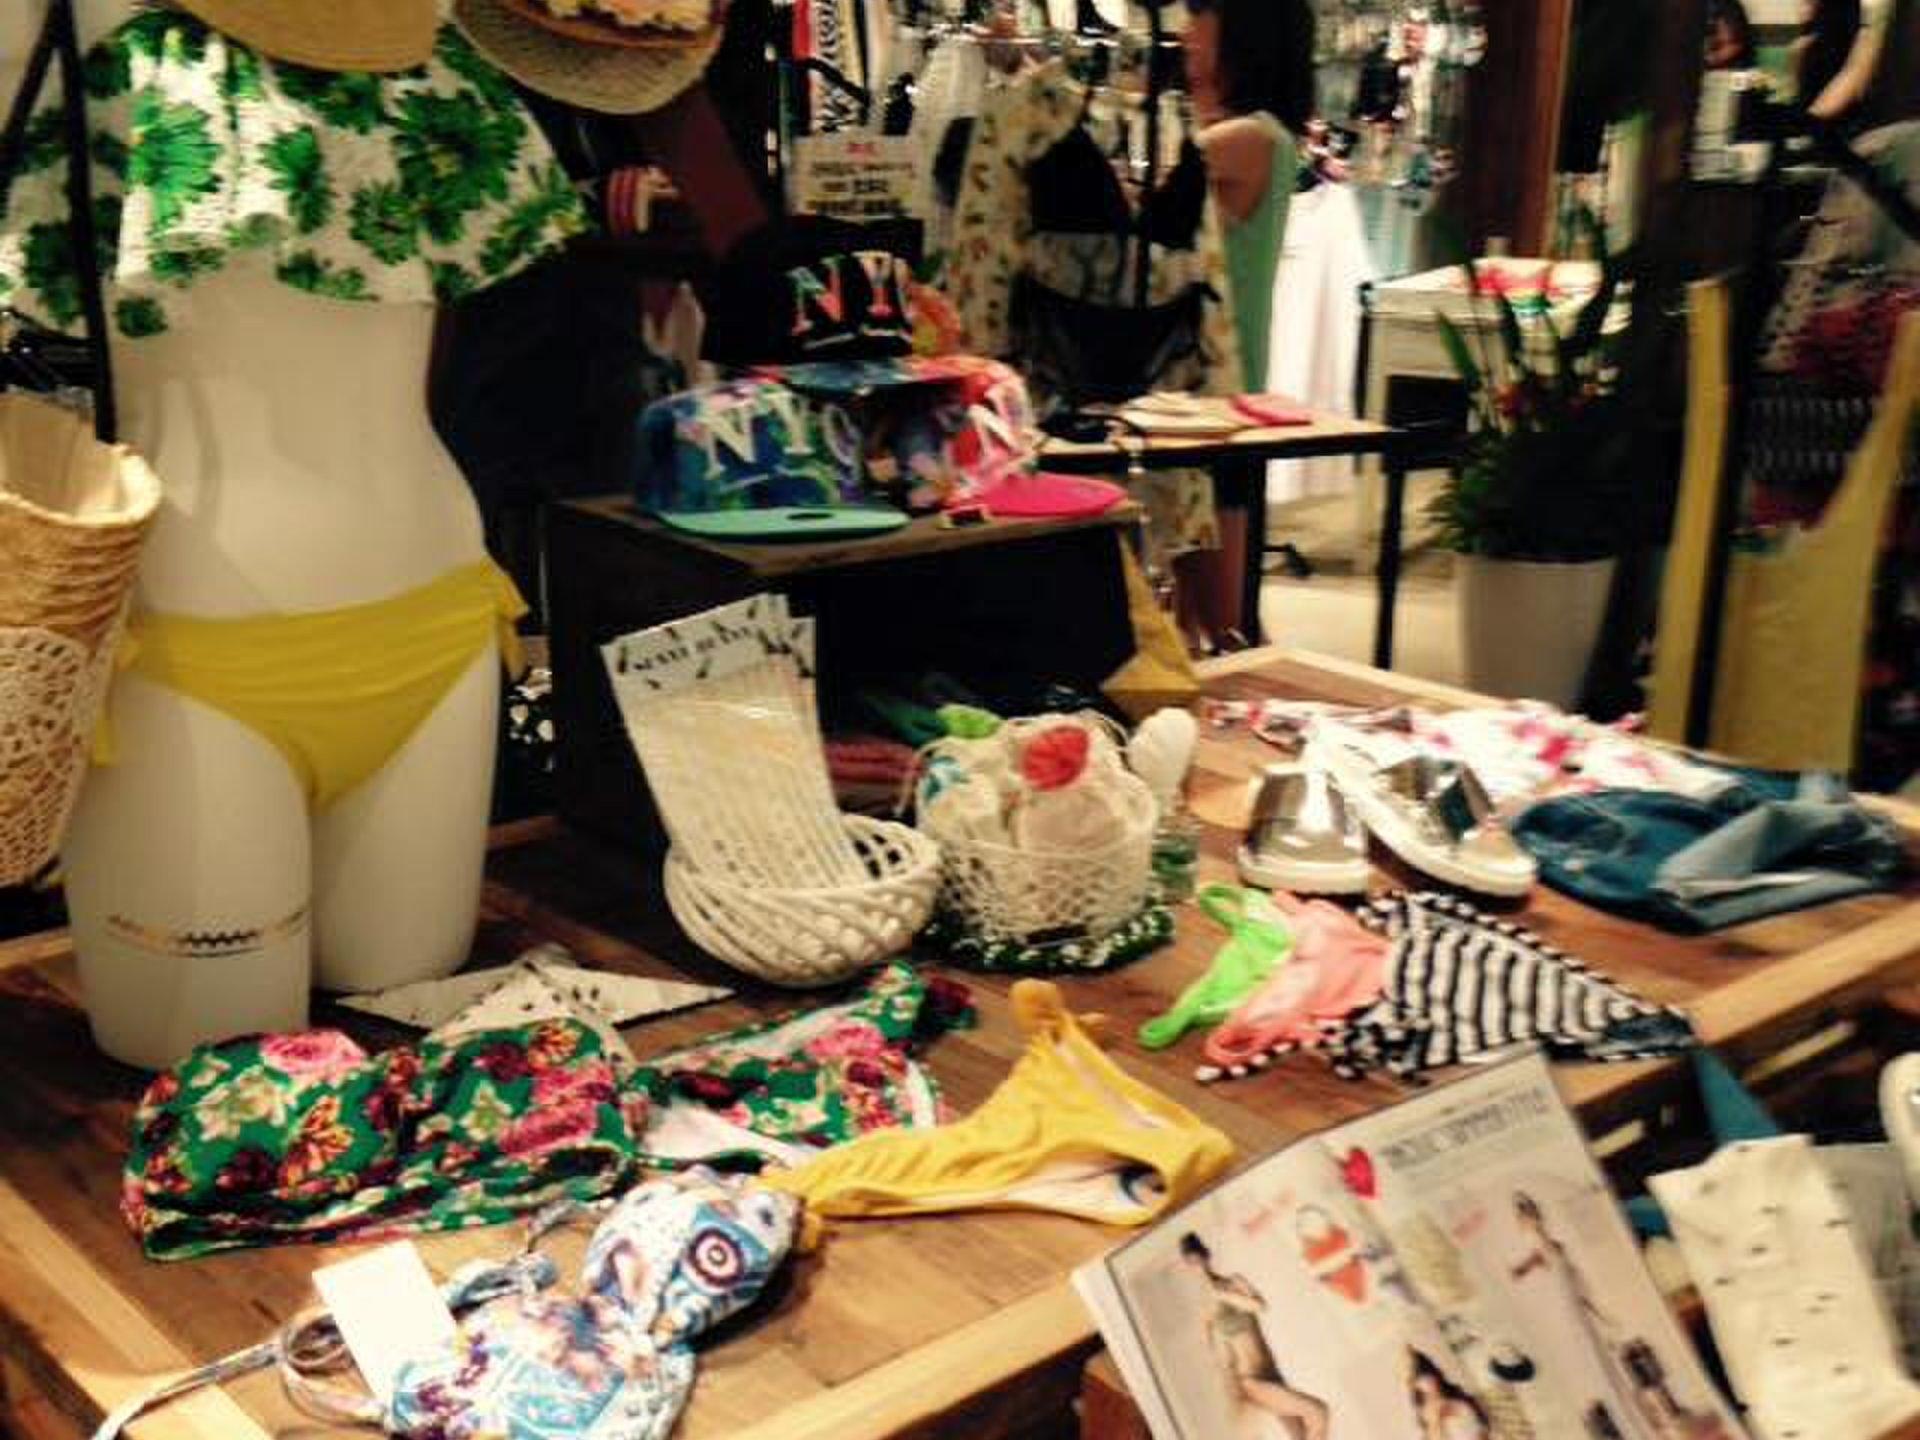 【渋谷109】オルチャンファッションでおなじみ「DHOLIC」が期間限定でオープン!